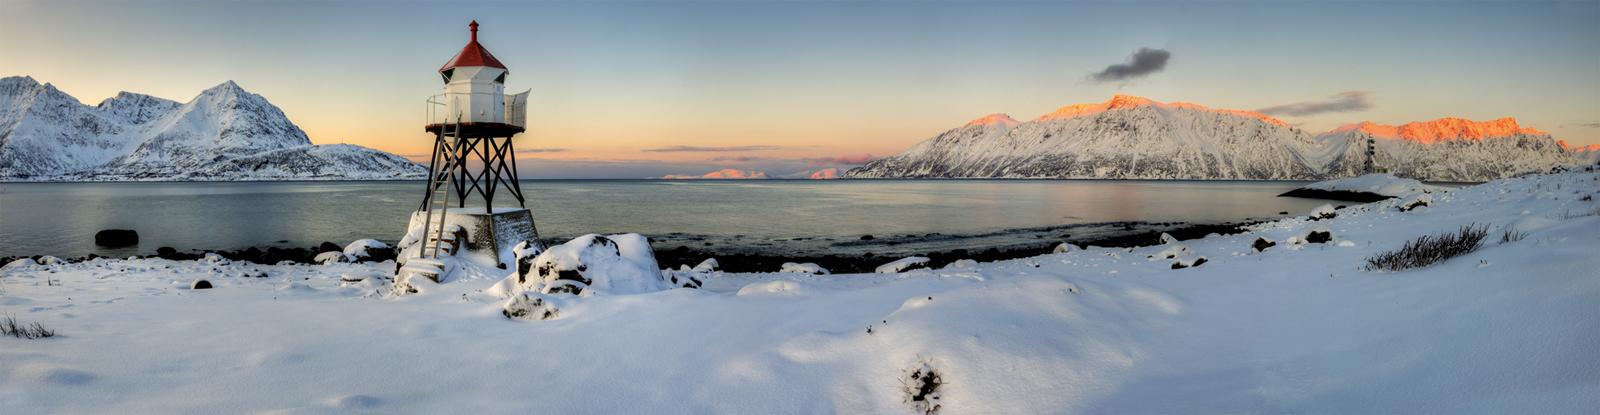 Øksfjord, Norwegen